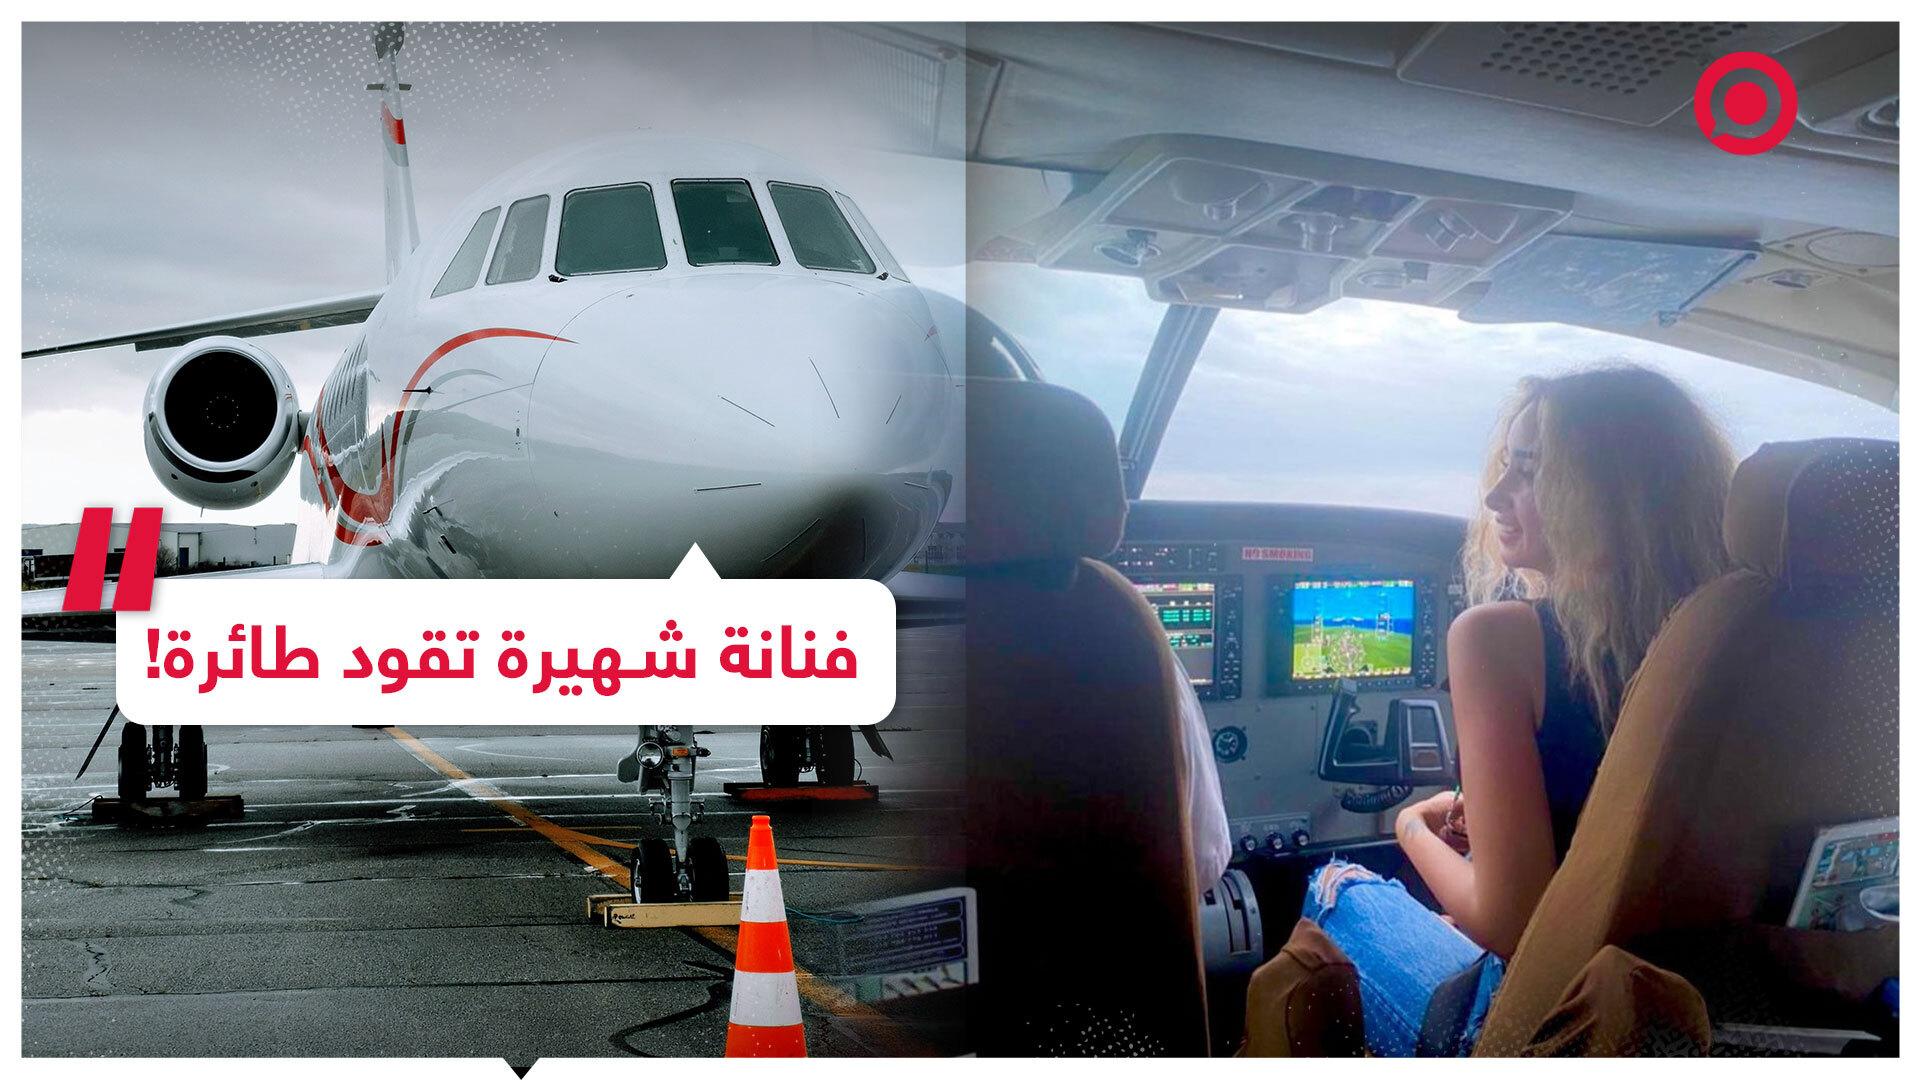 صورة فنانة مشهورة من داخل قمرة قيادة الطائرة  تثير الجدل